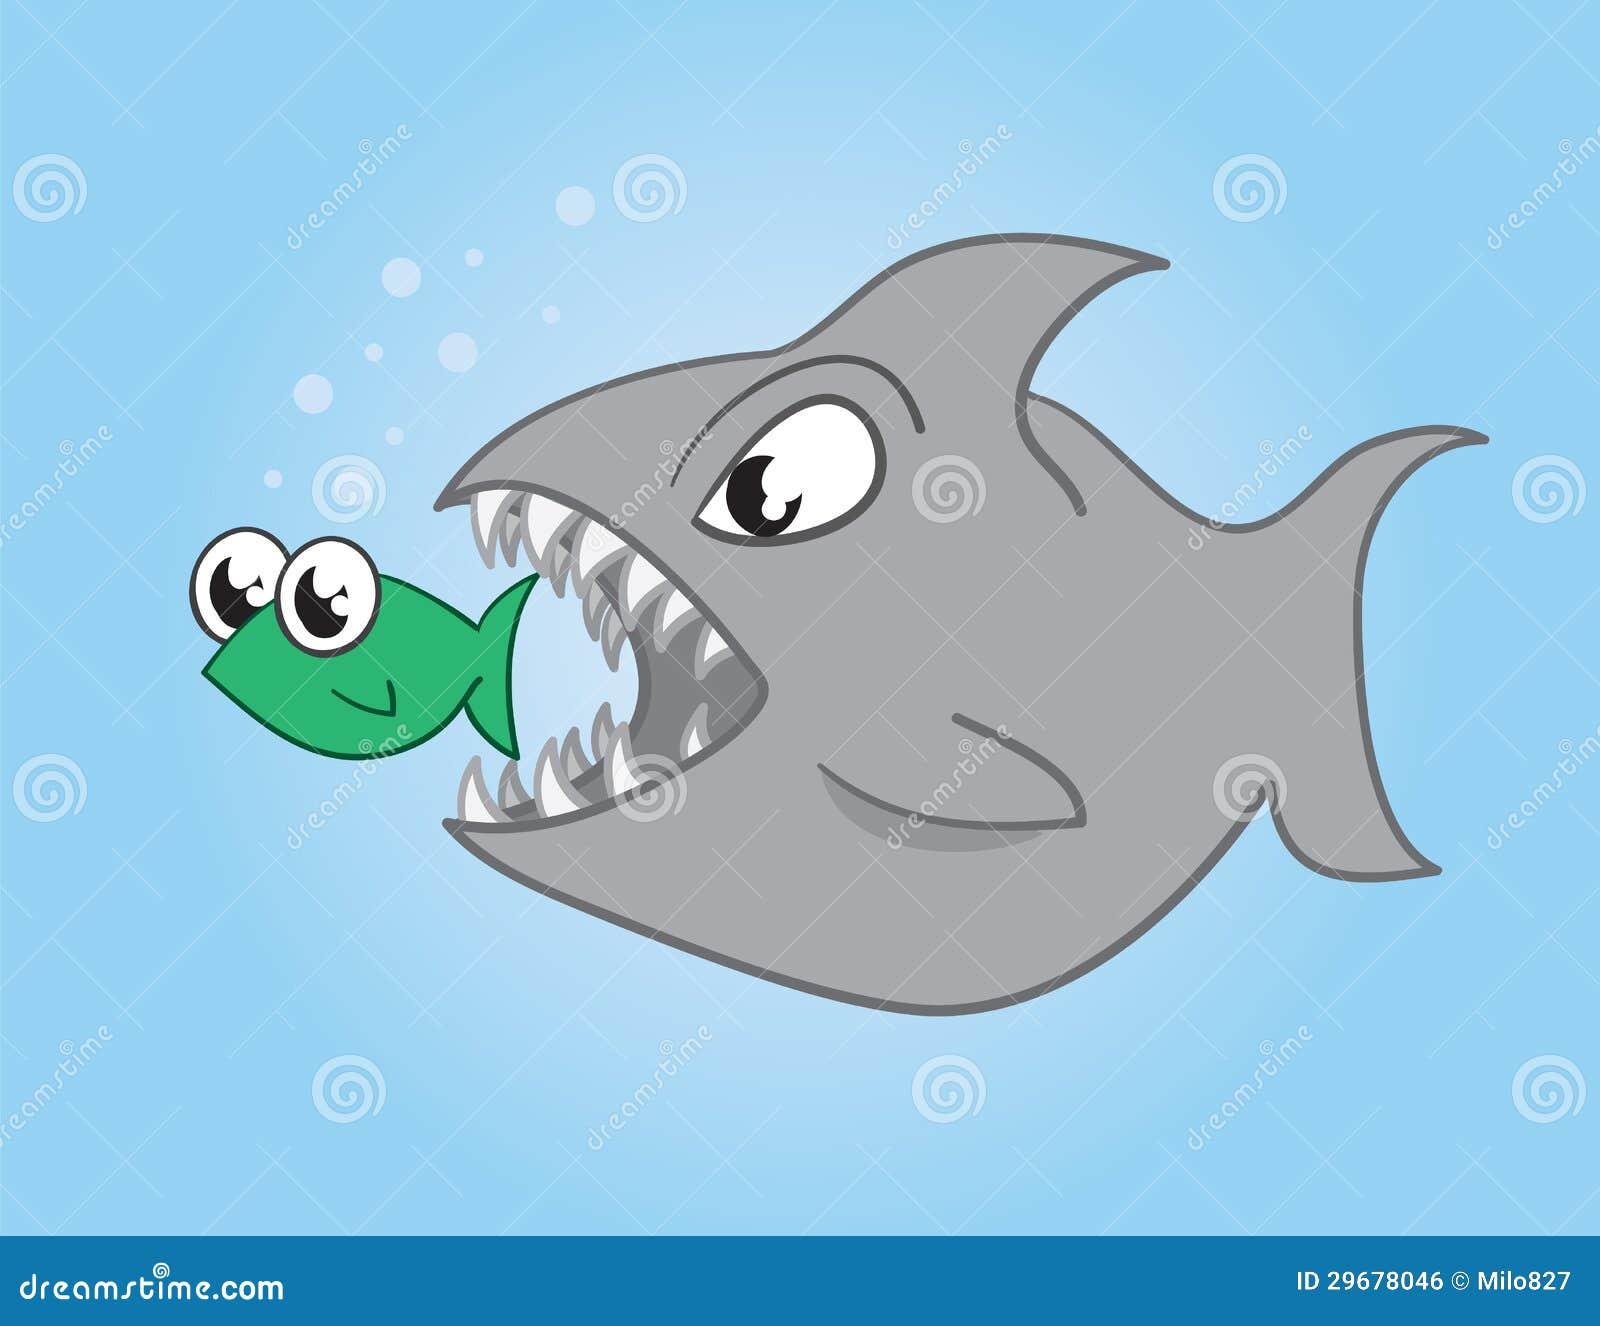 Shark eating a fish cartoon the image for Big fish eat small fish